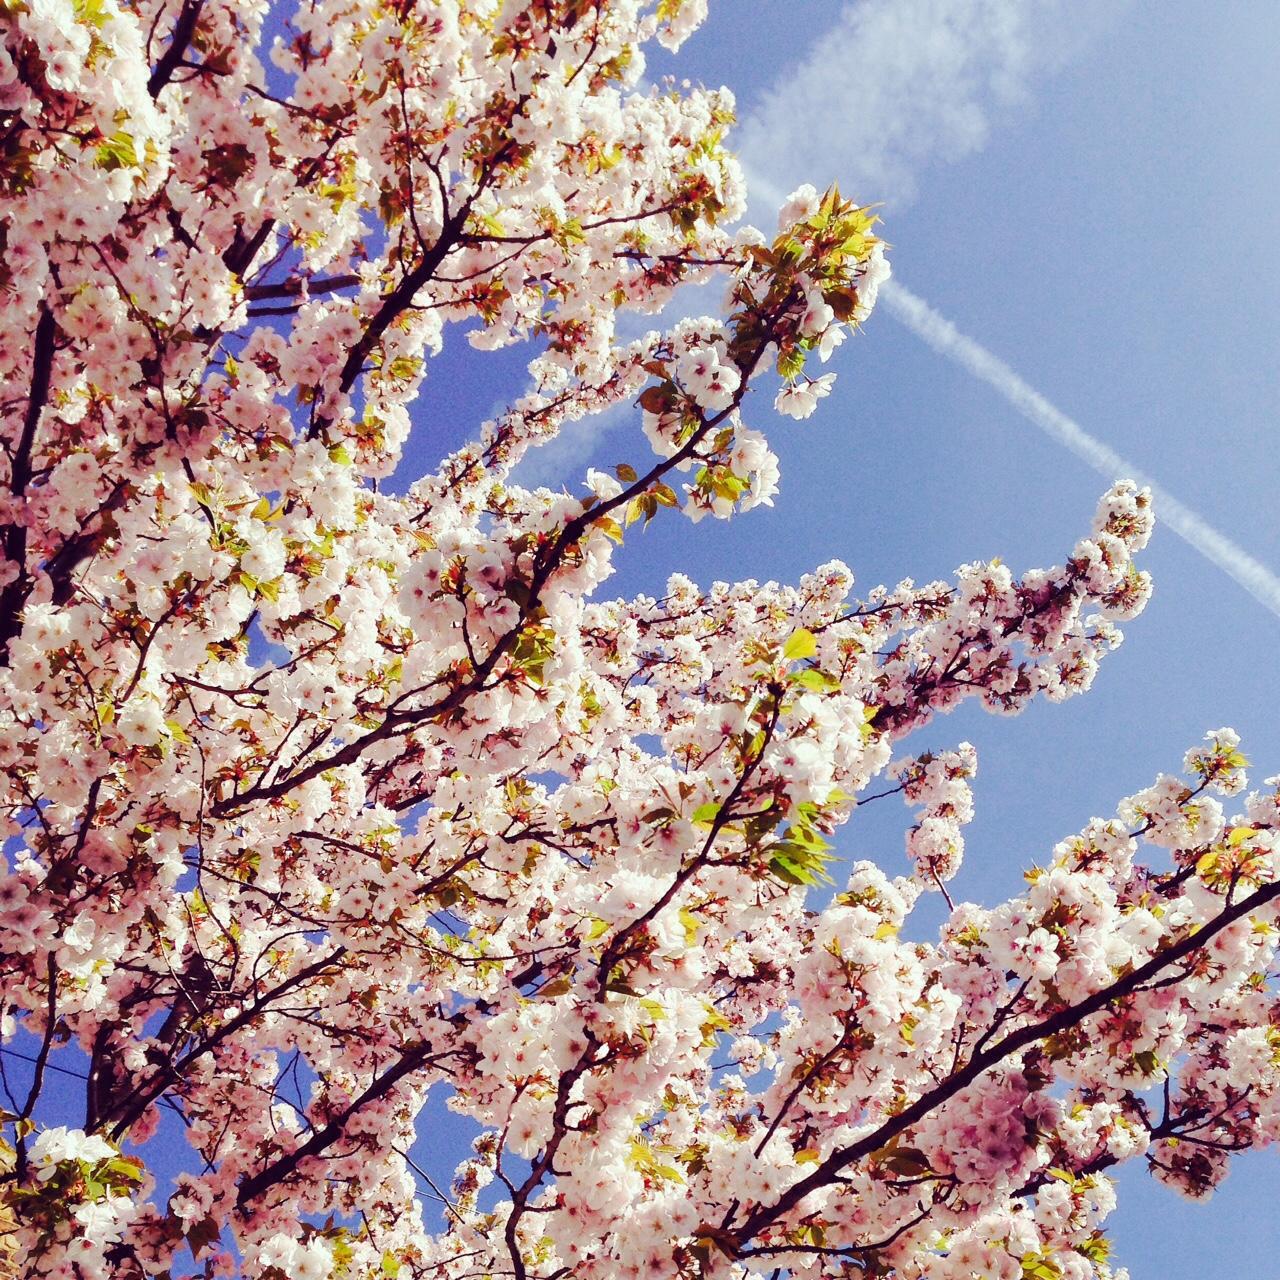 Dr Morton's - Hayfever in spring